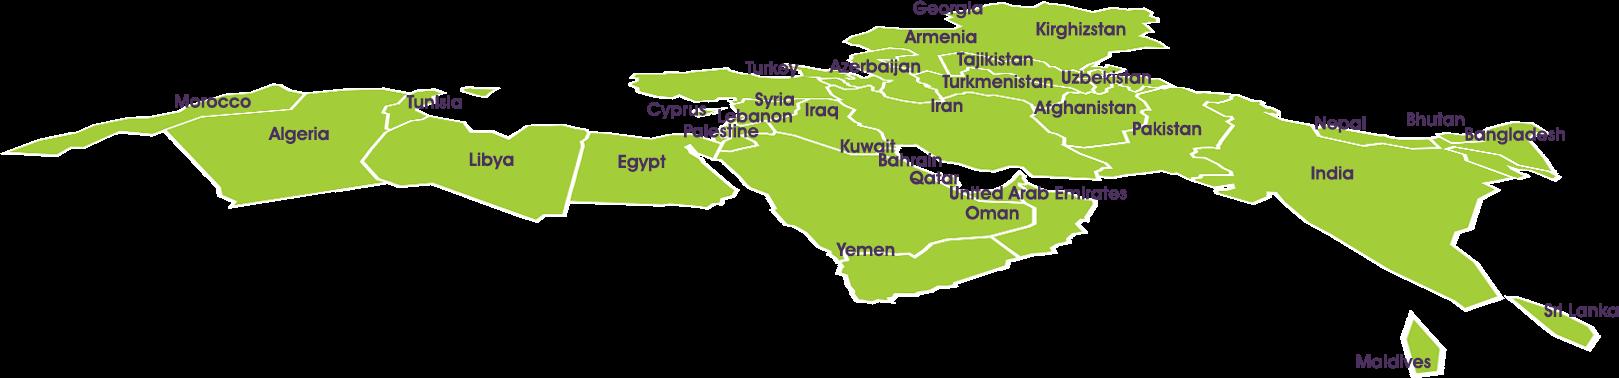 بررسی کشورهای منطقه گیمستان به روایت آمار